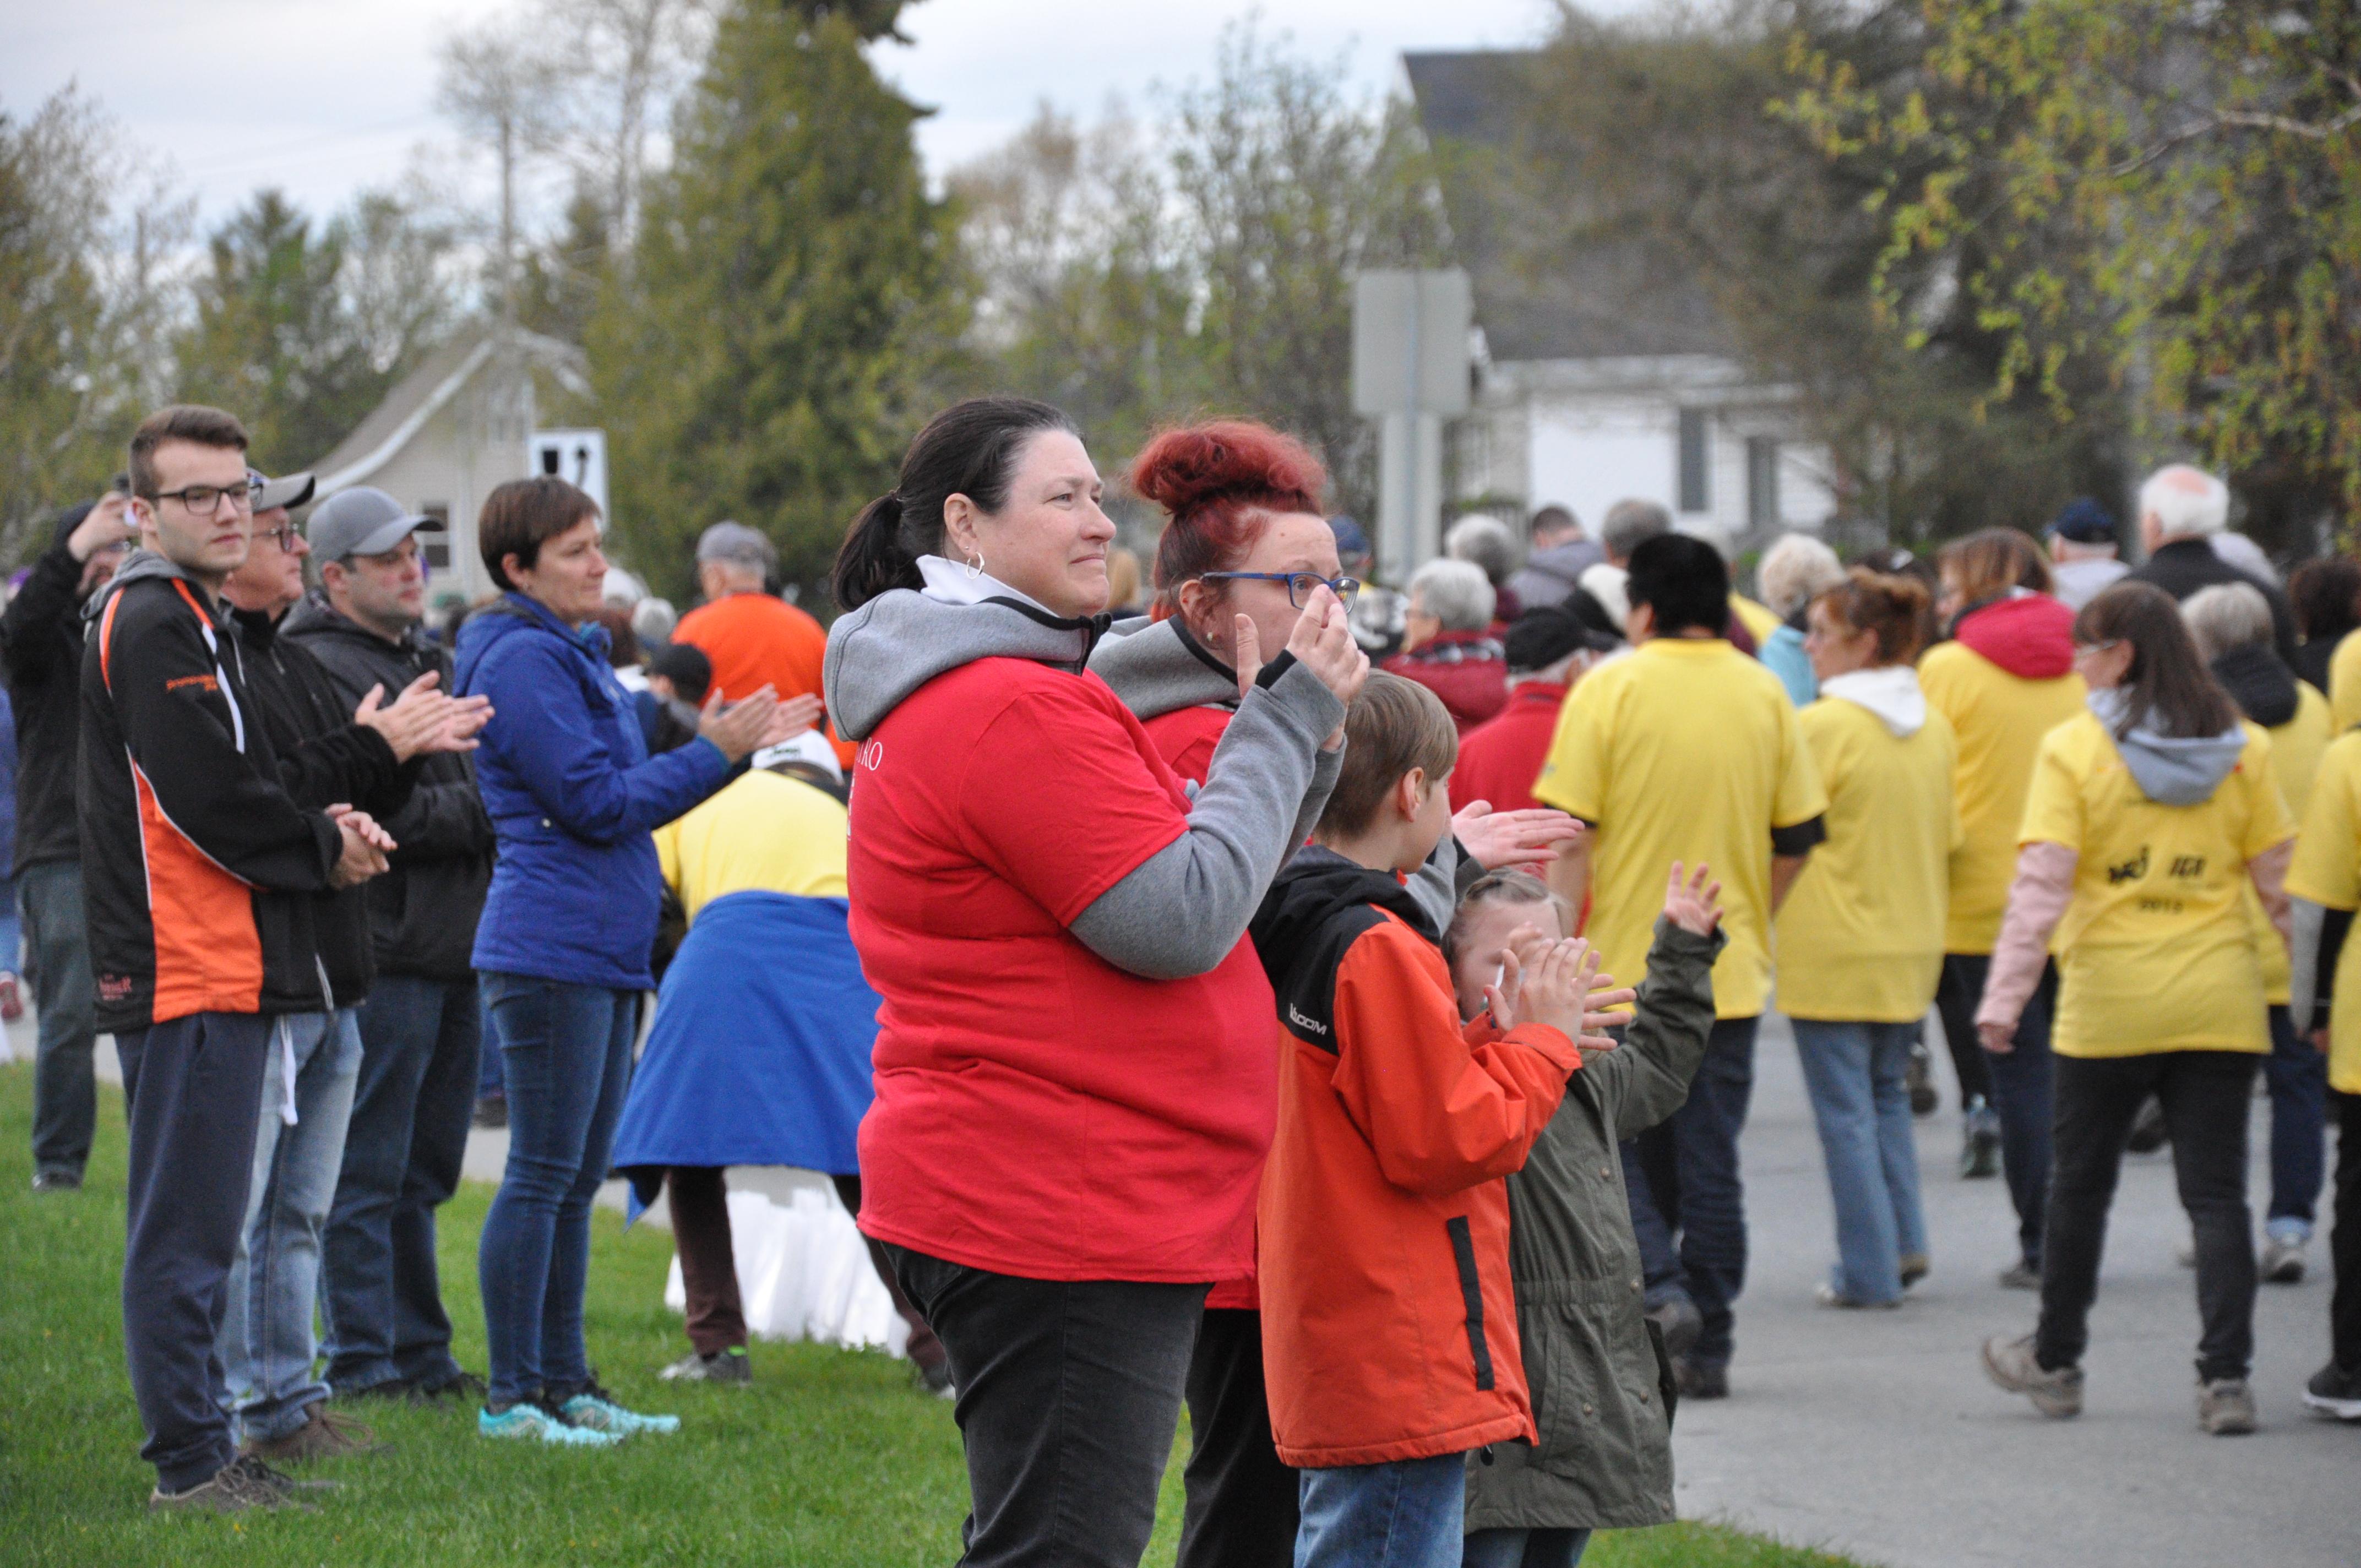 Relais pour la vie 2019 cancer survivant marche val-d'or communauté soutient